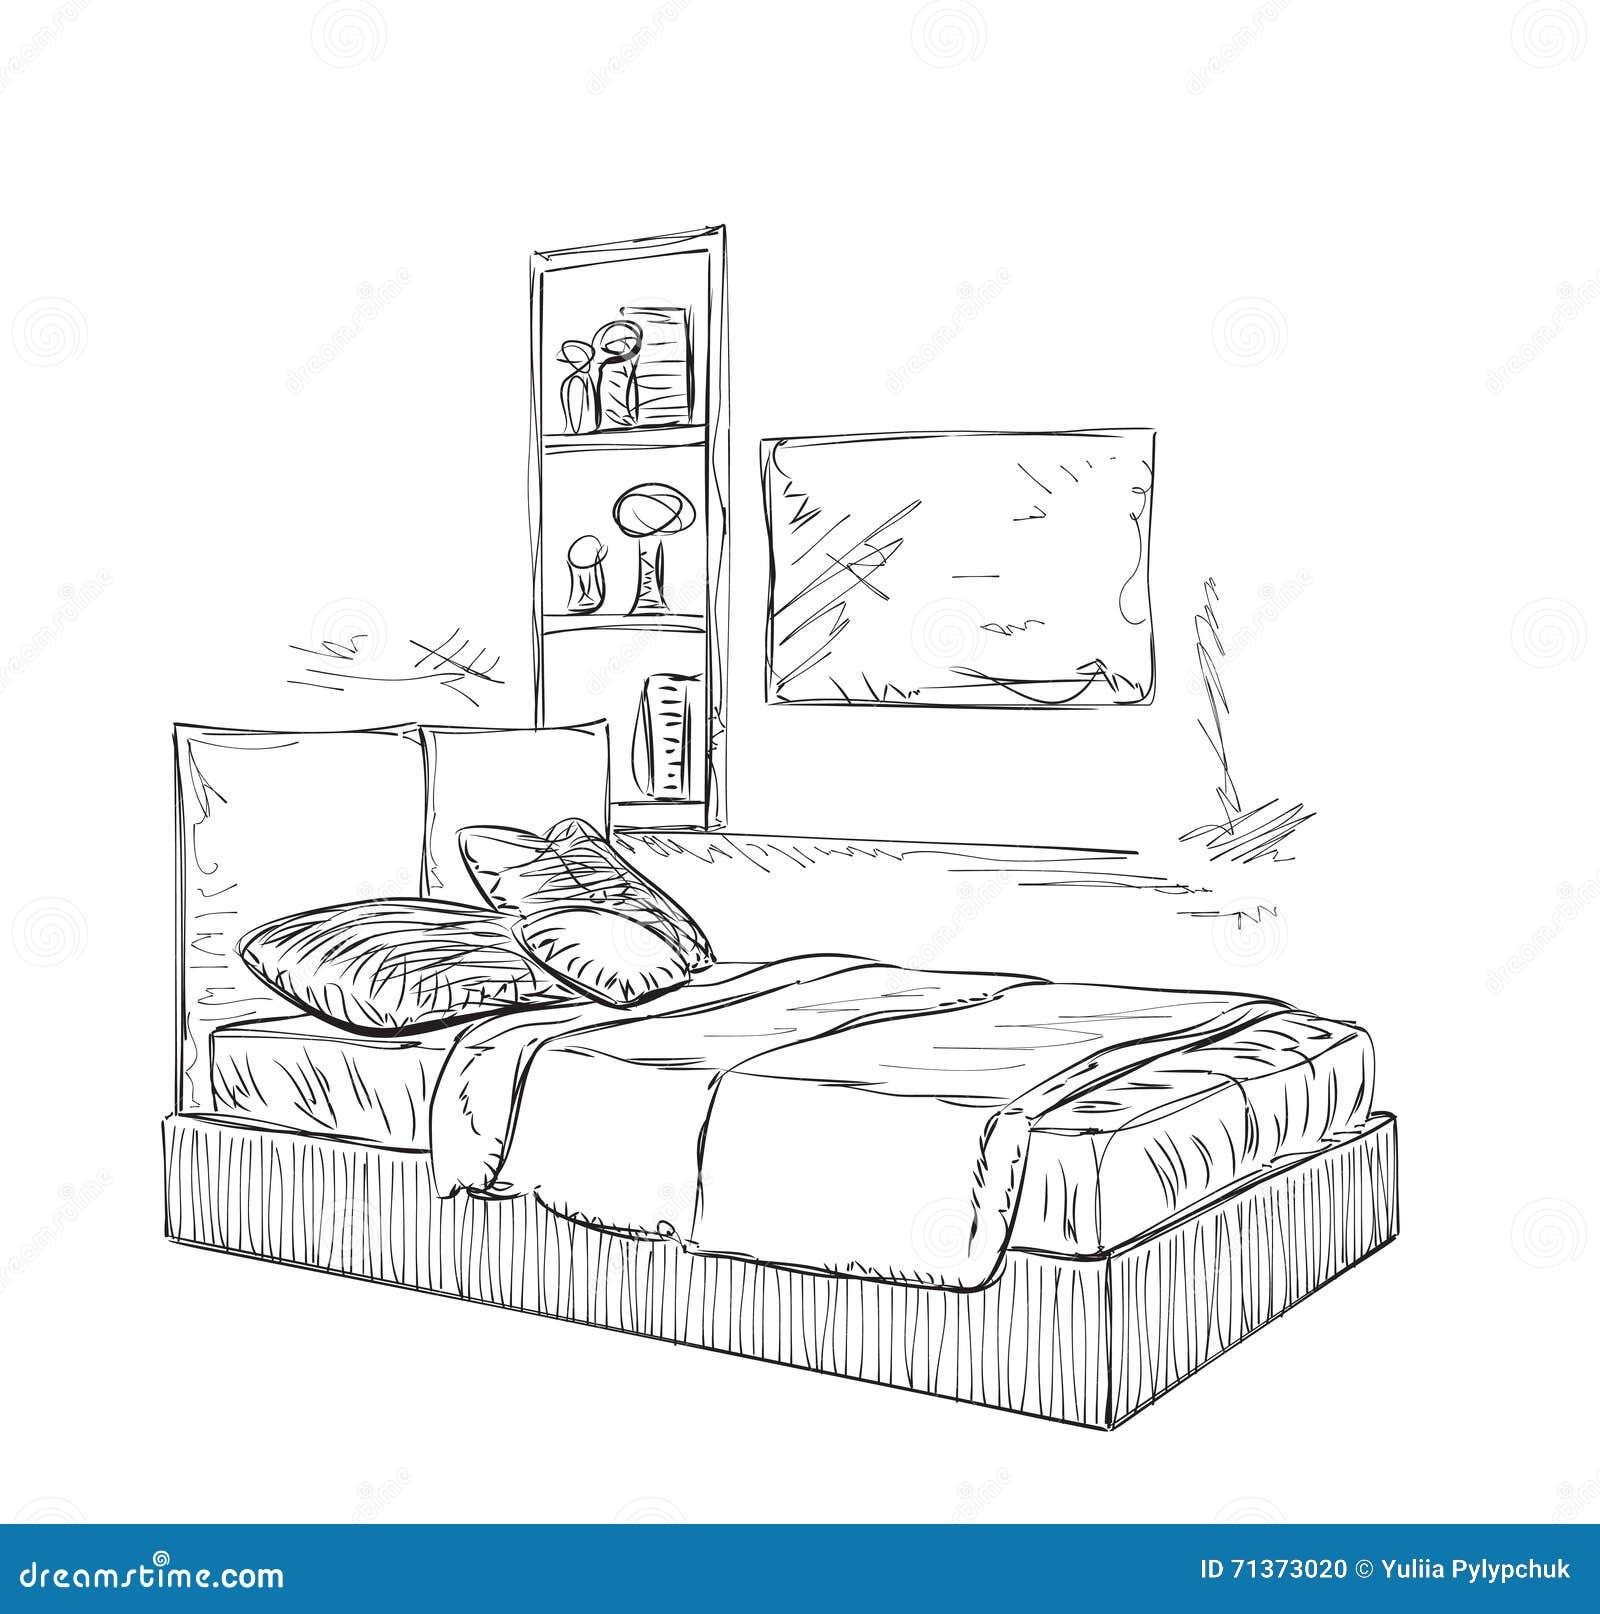 Bedroom Modern Interior Sketch Stock Vector Illustration